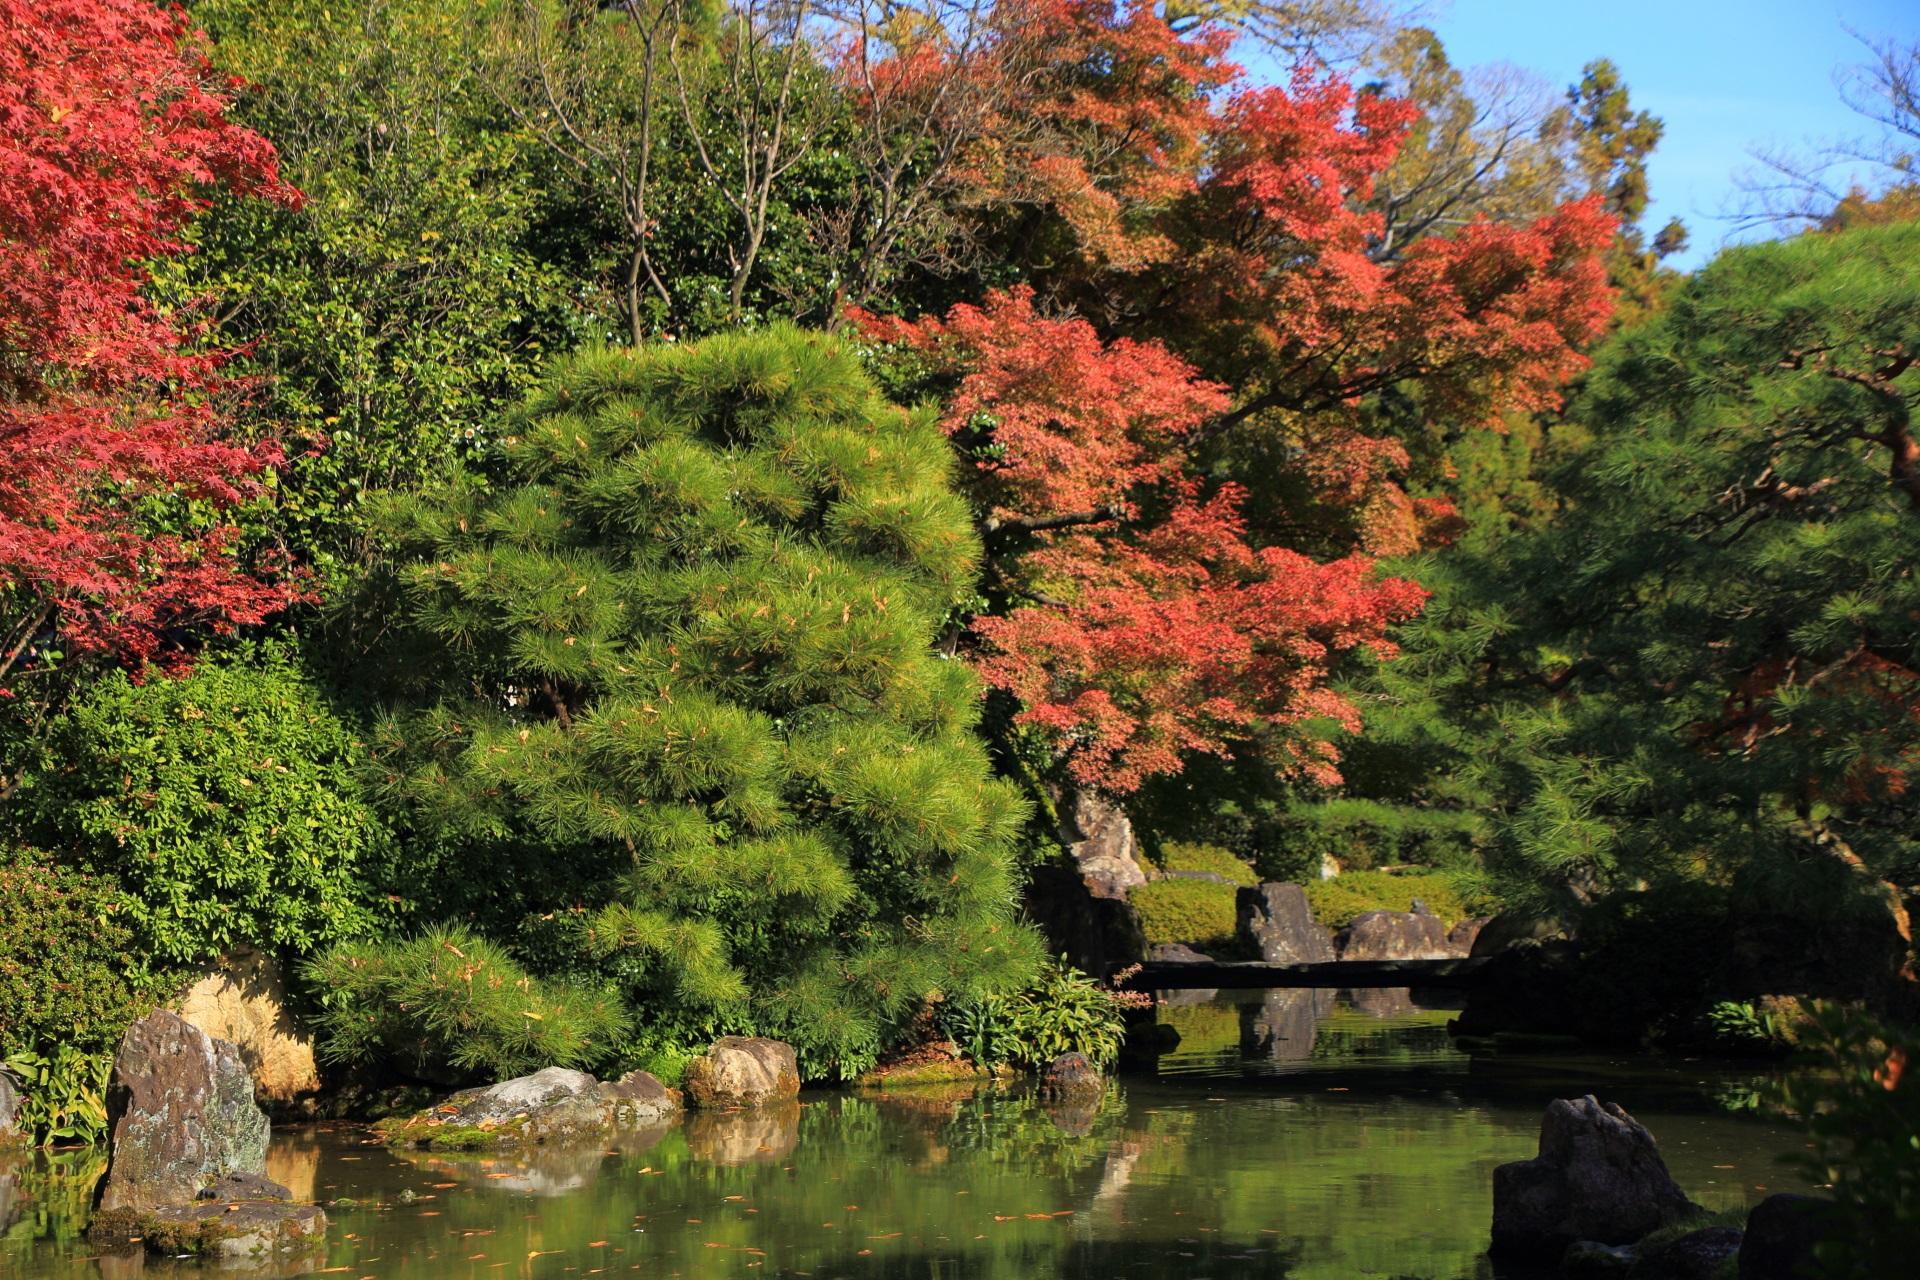 松の緑と紅葉の赤の綺麗なコントラスト